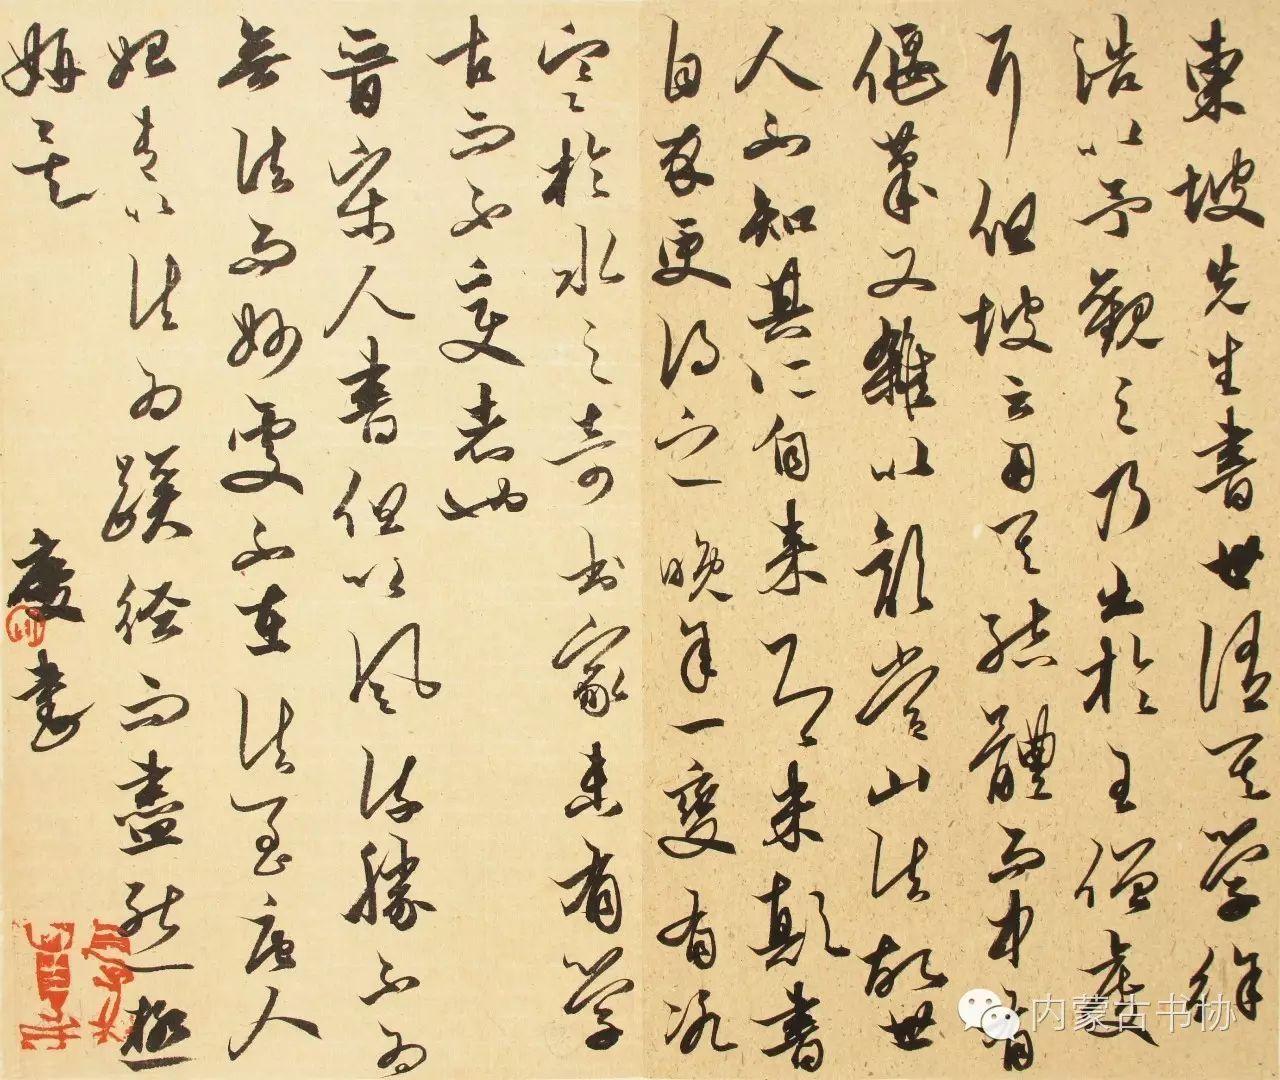 内蒙古书法家协会书家推荐系列之包国庆书法艺术赏析 第5张